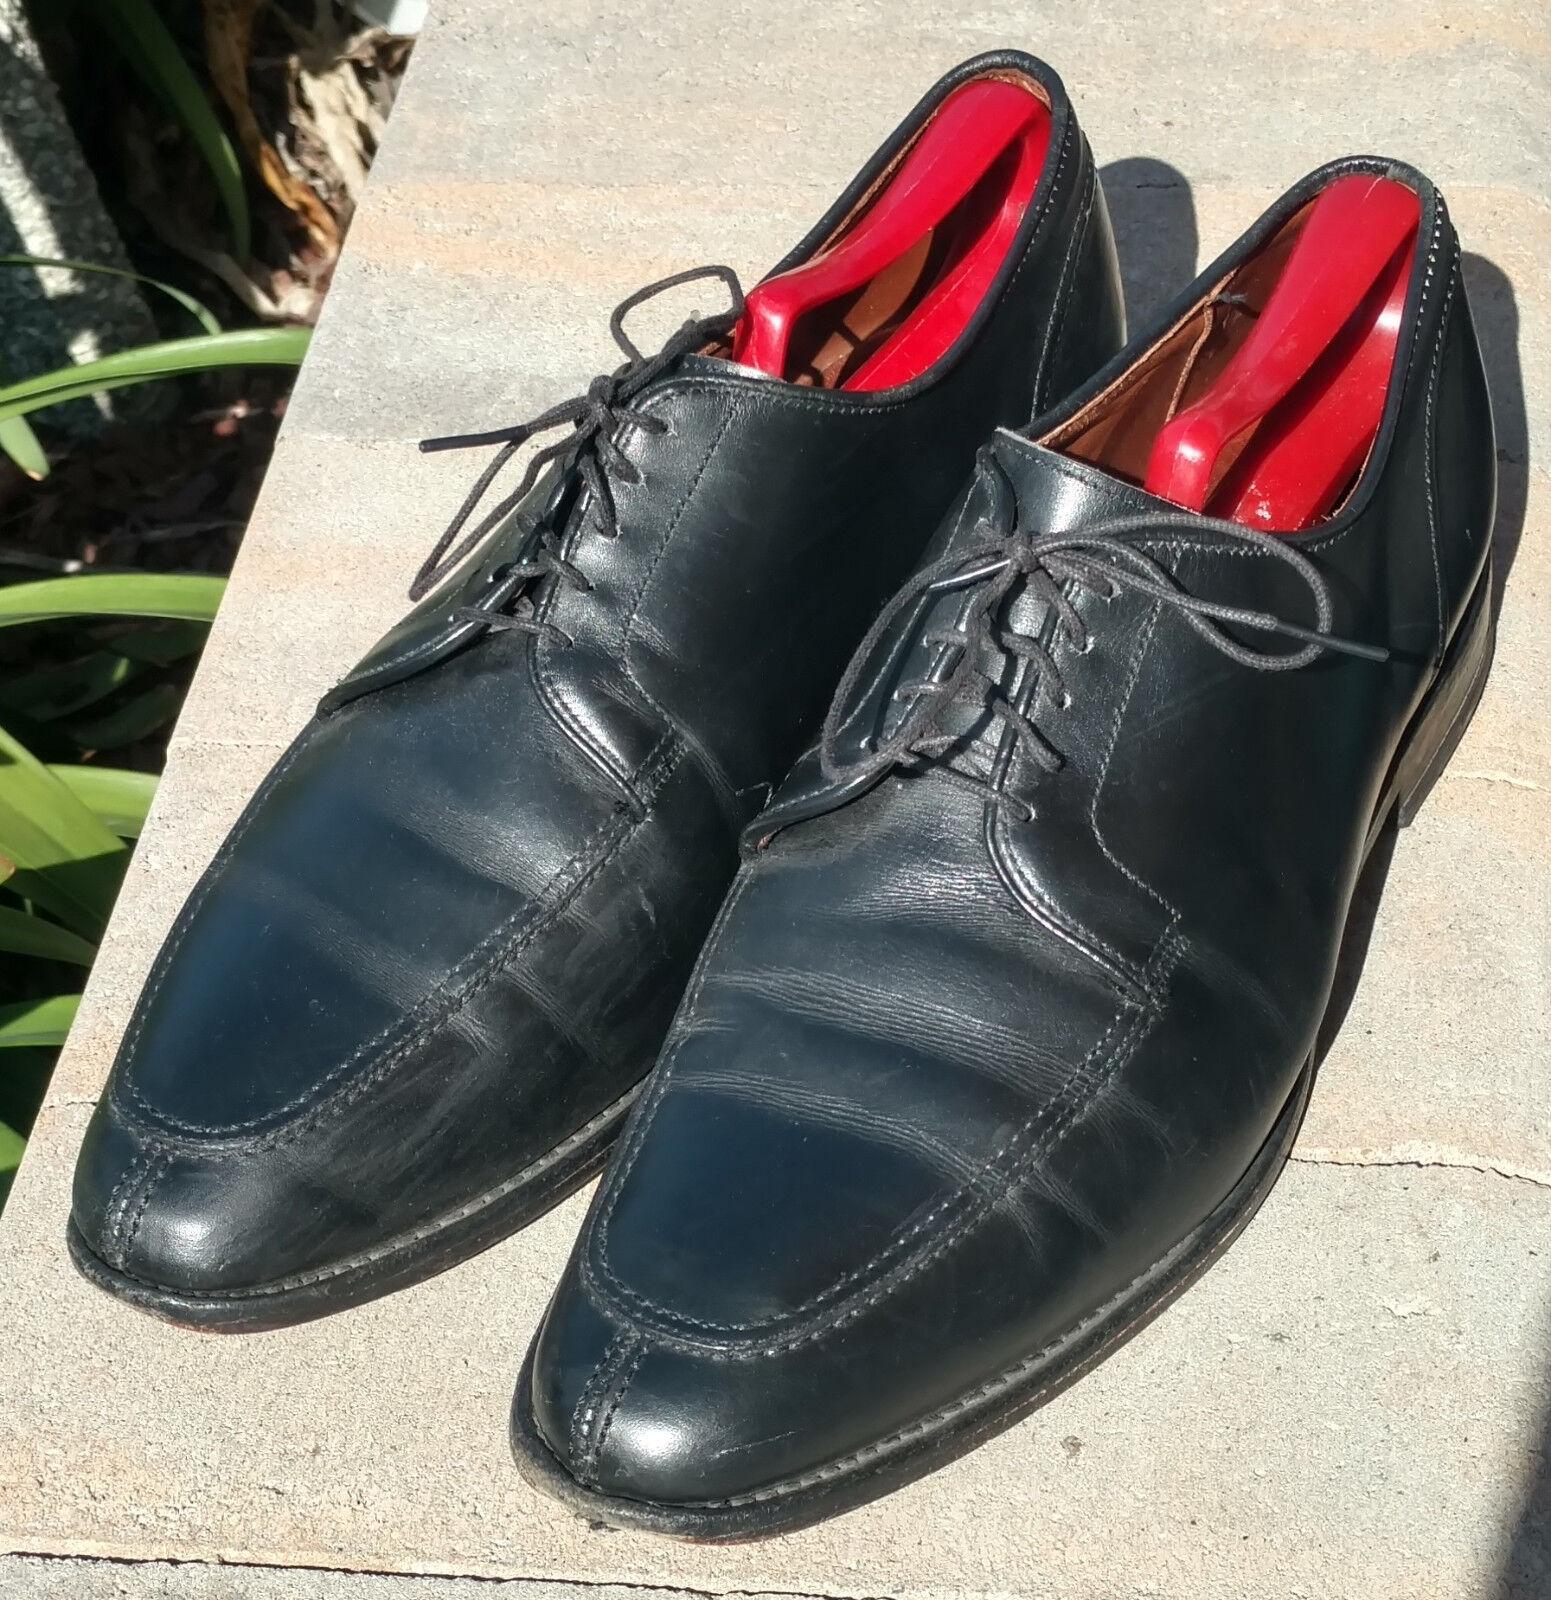 consegna gratuita Allen Edmonds LaSalle nero nero nero Split Toe Oxford Leather Uomo Dress scarpe Dimensione 10D  risparmiare sulla liquidazione